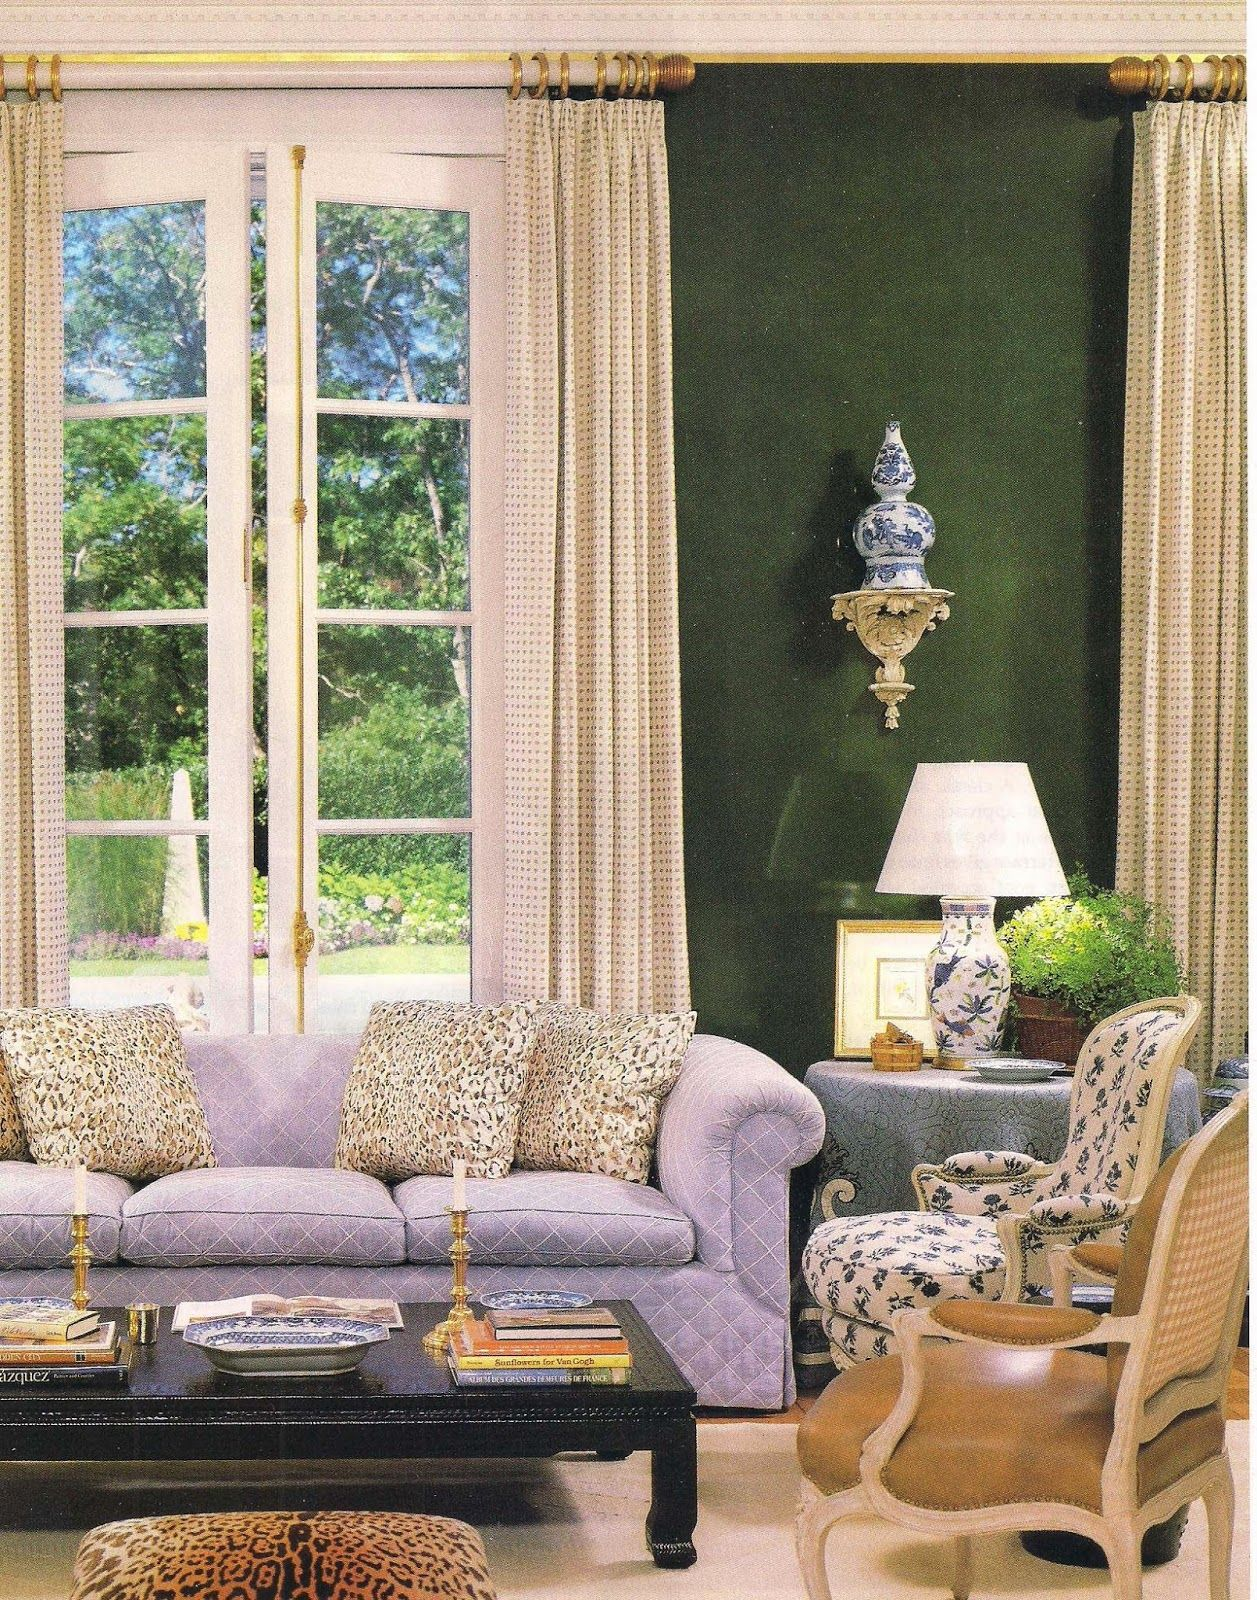 Green velvet walls, blue and white porcelain, lavender